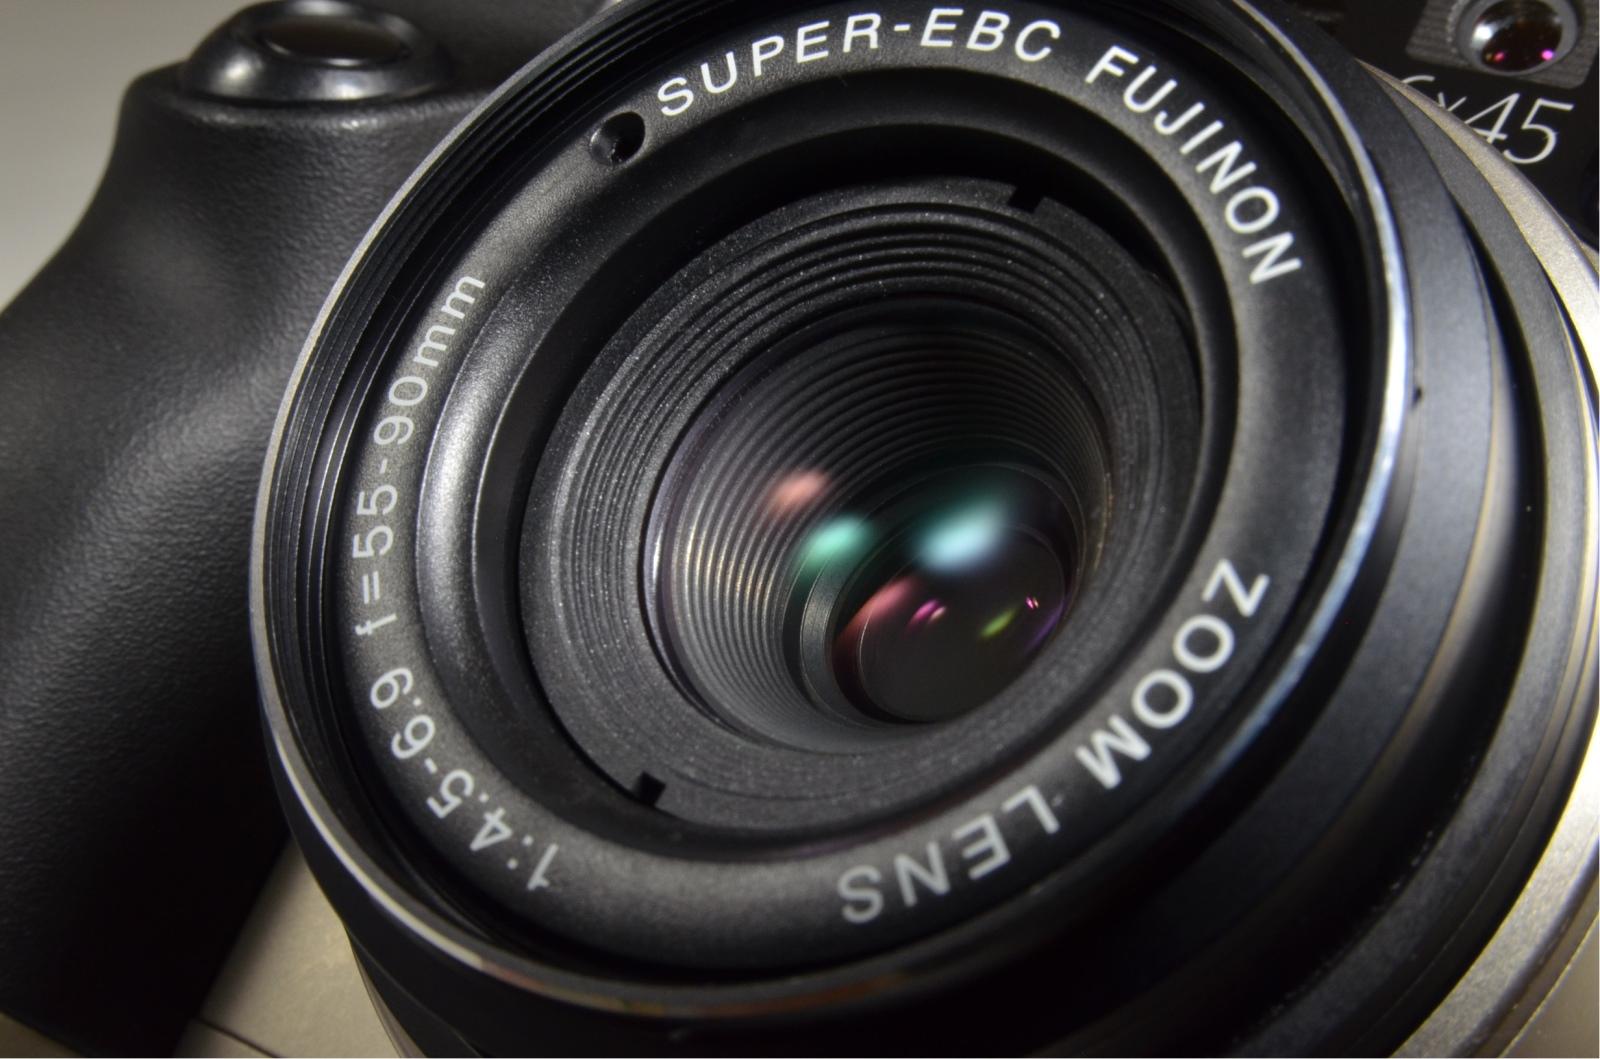 fujifilm ga645zi zoom 55-90mm f4.5-6.9